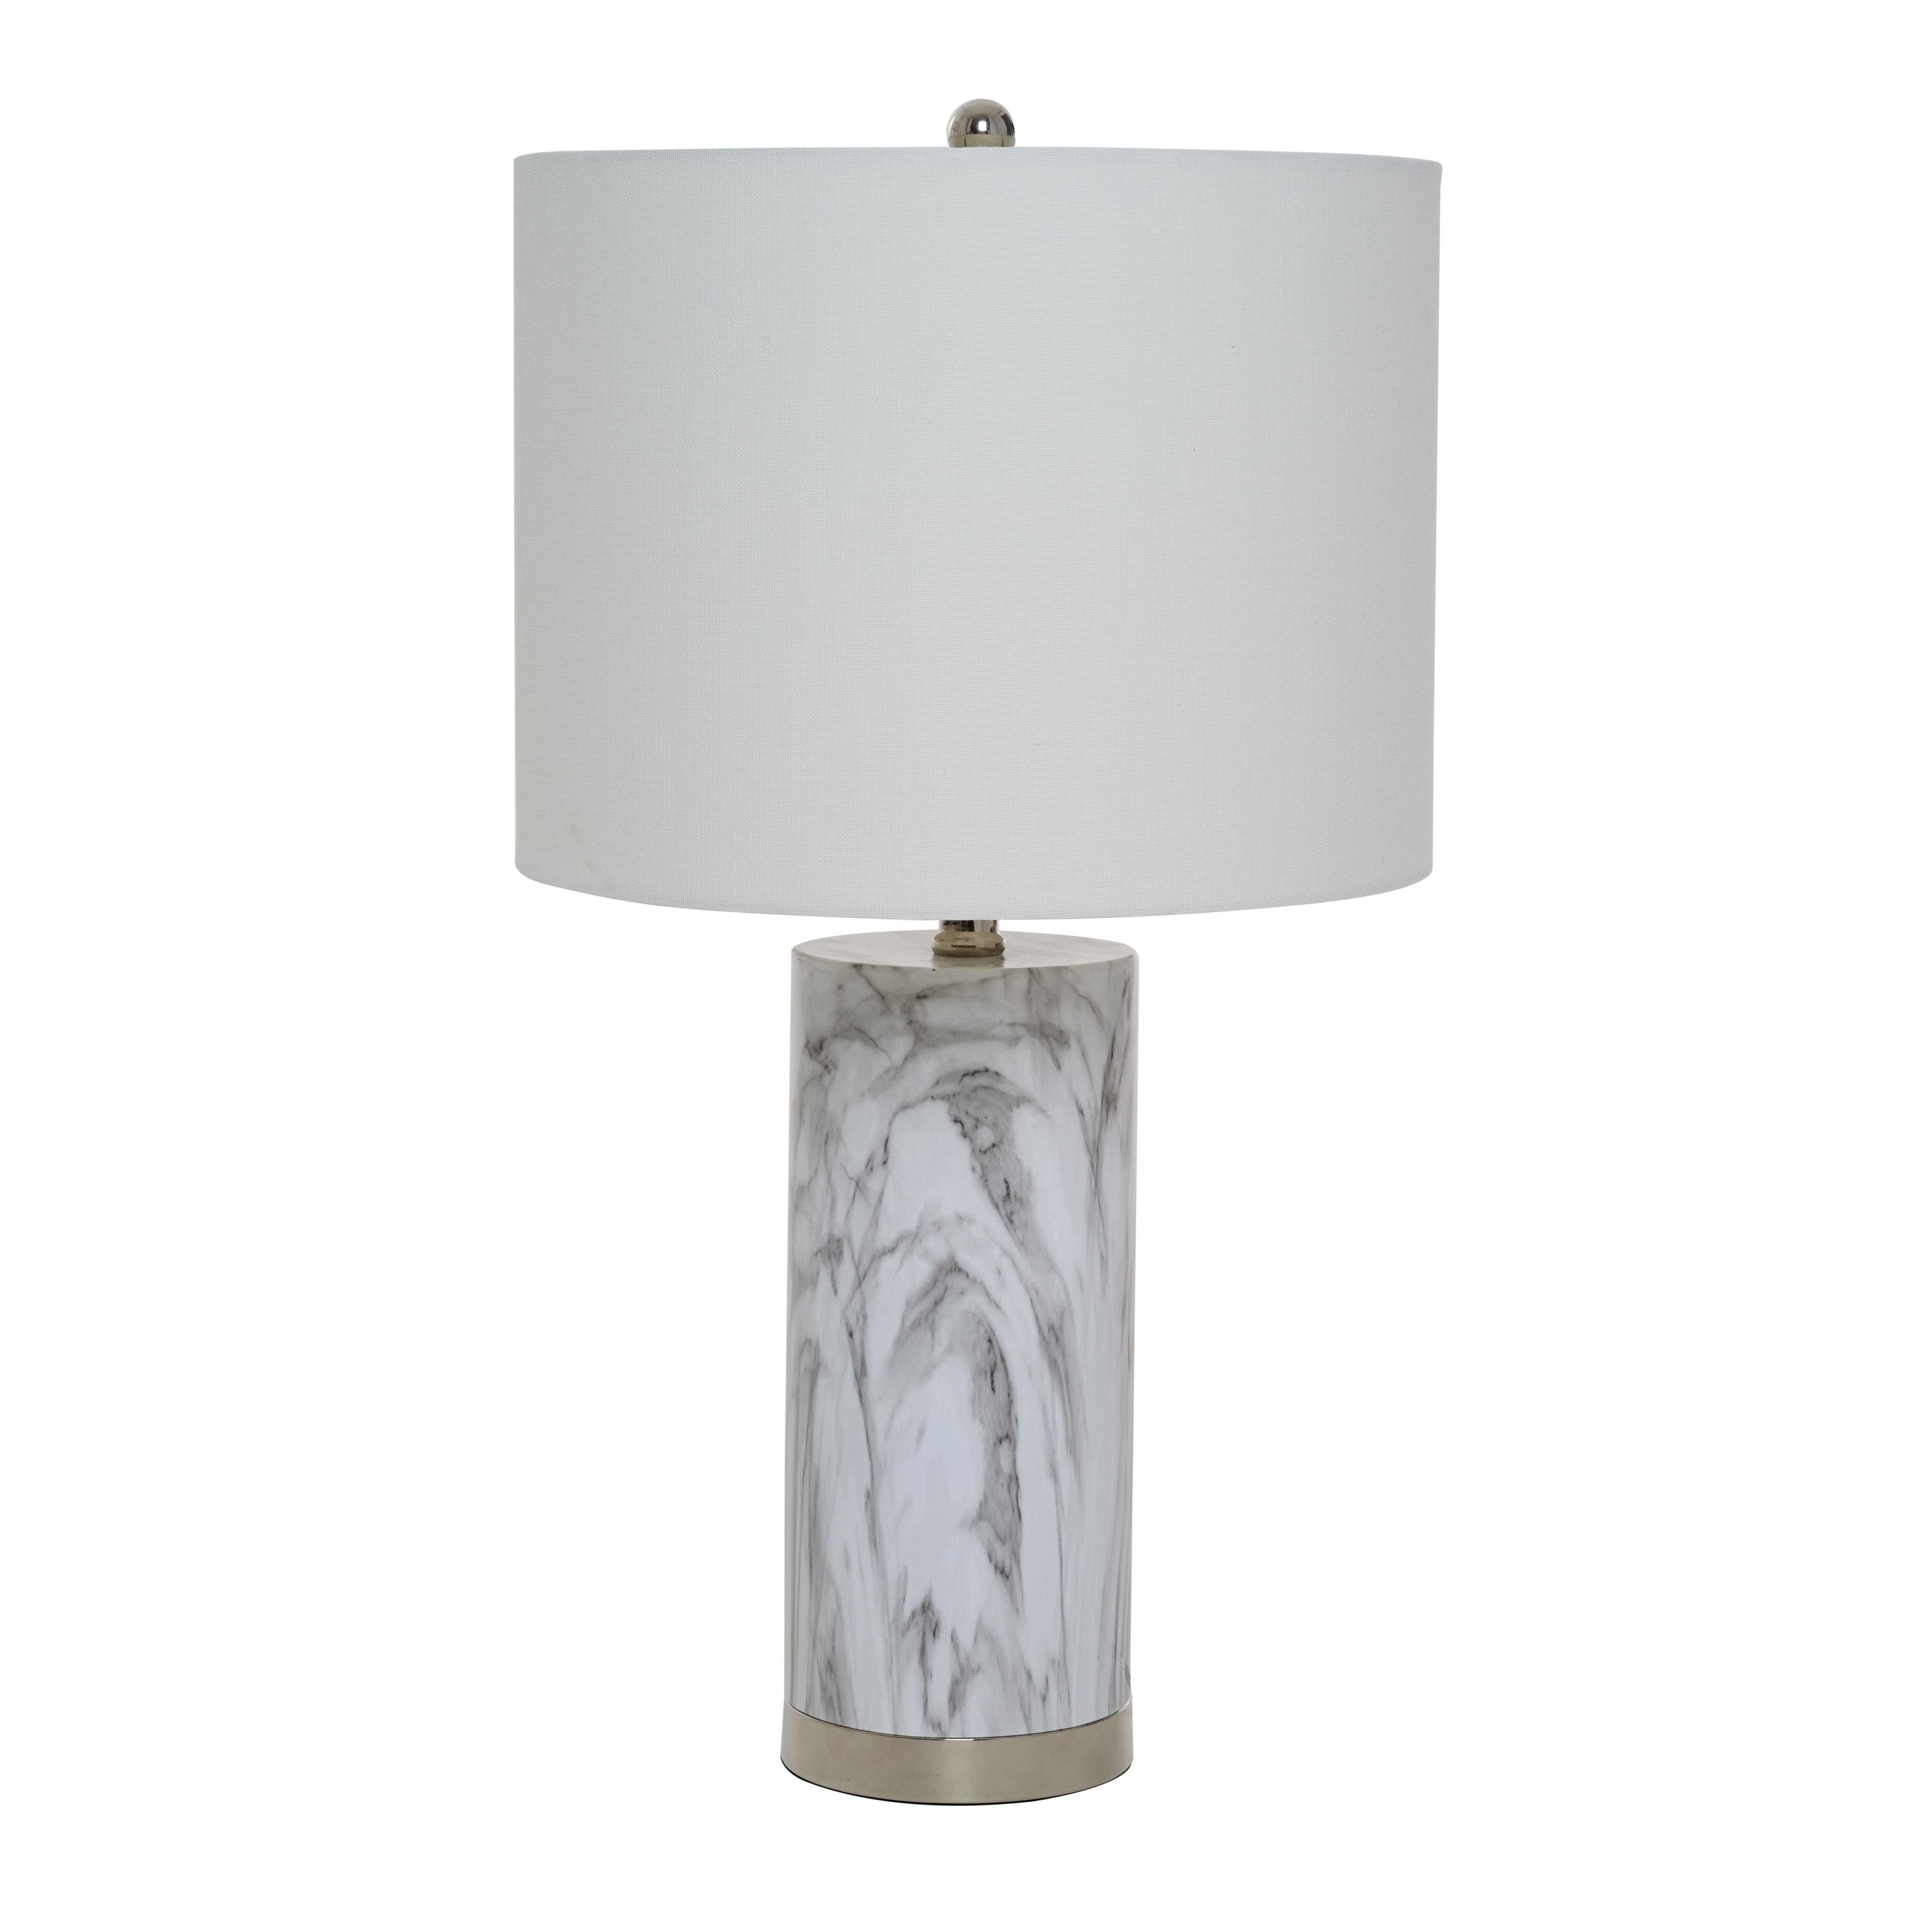 """Laurel Creek Susan Faux Marble Table Lamp - 13"""" x 13"""" x 24.5"""""""